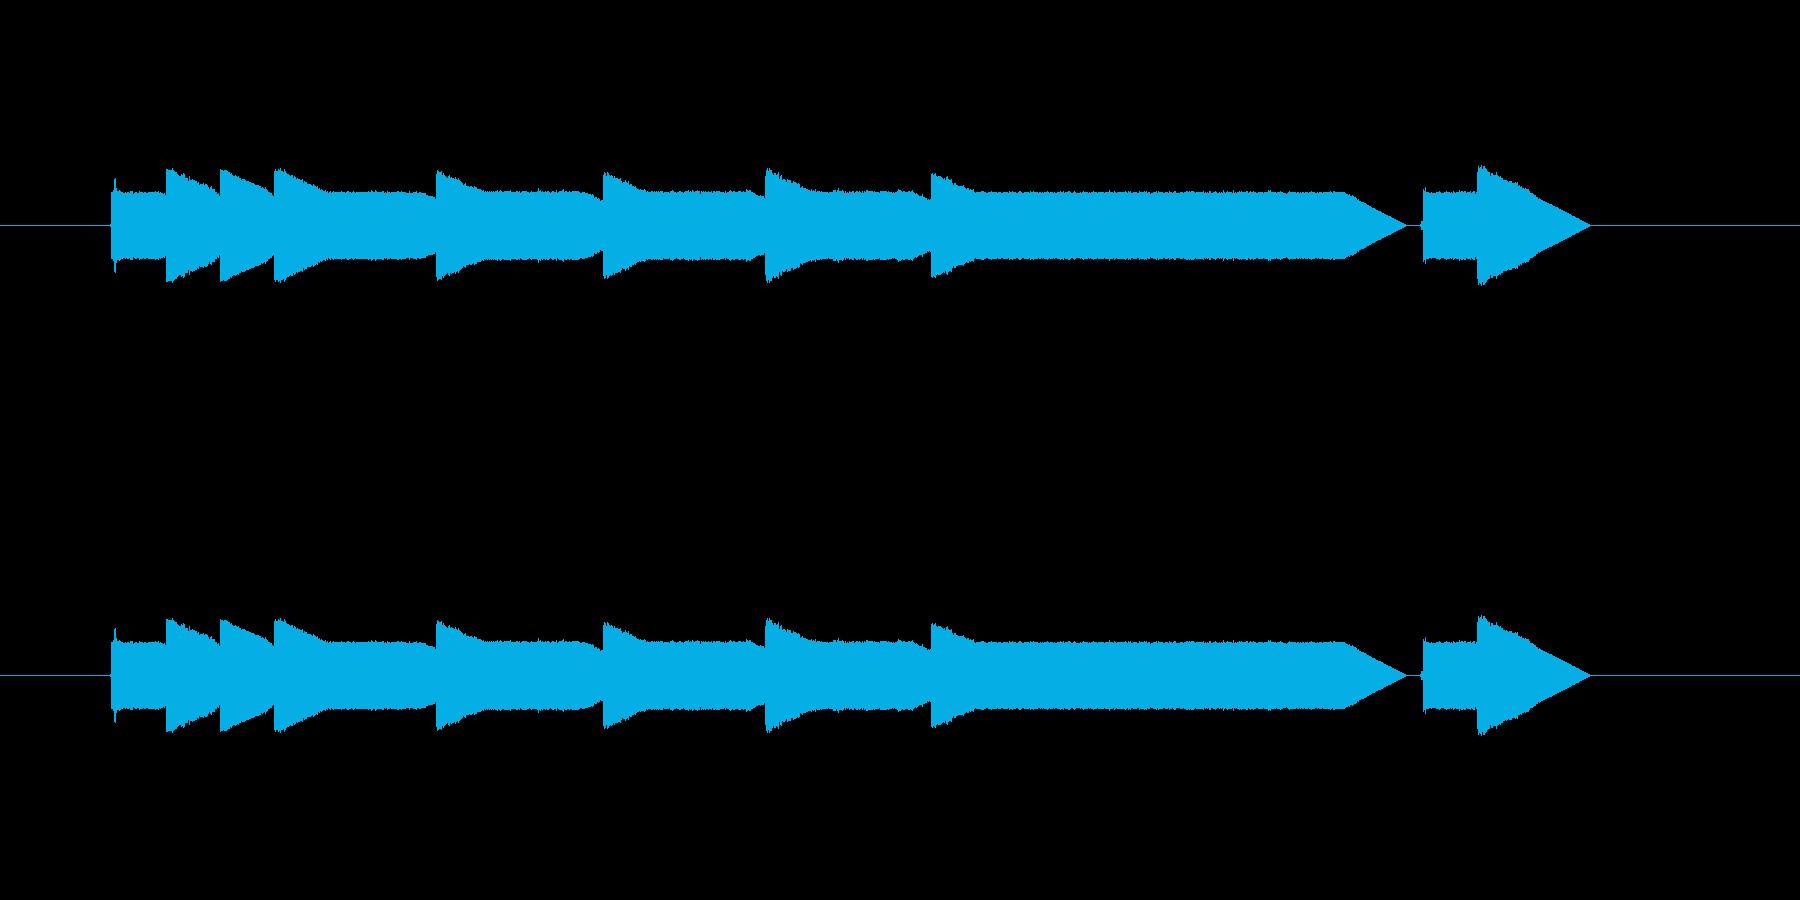 クイズ番組のステージクリア時の音。の再生済みの波形